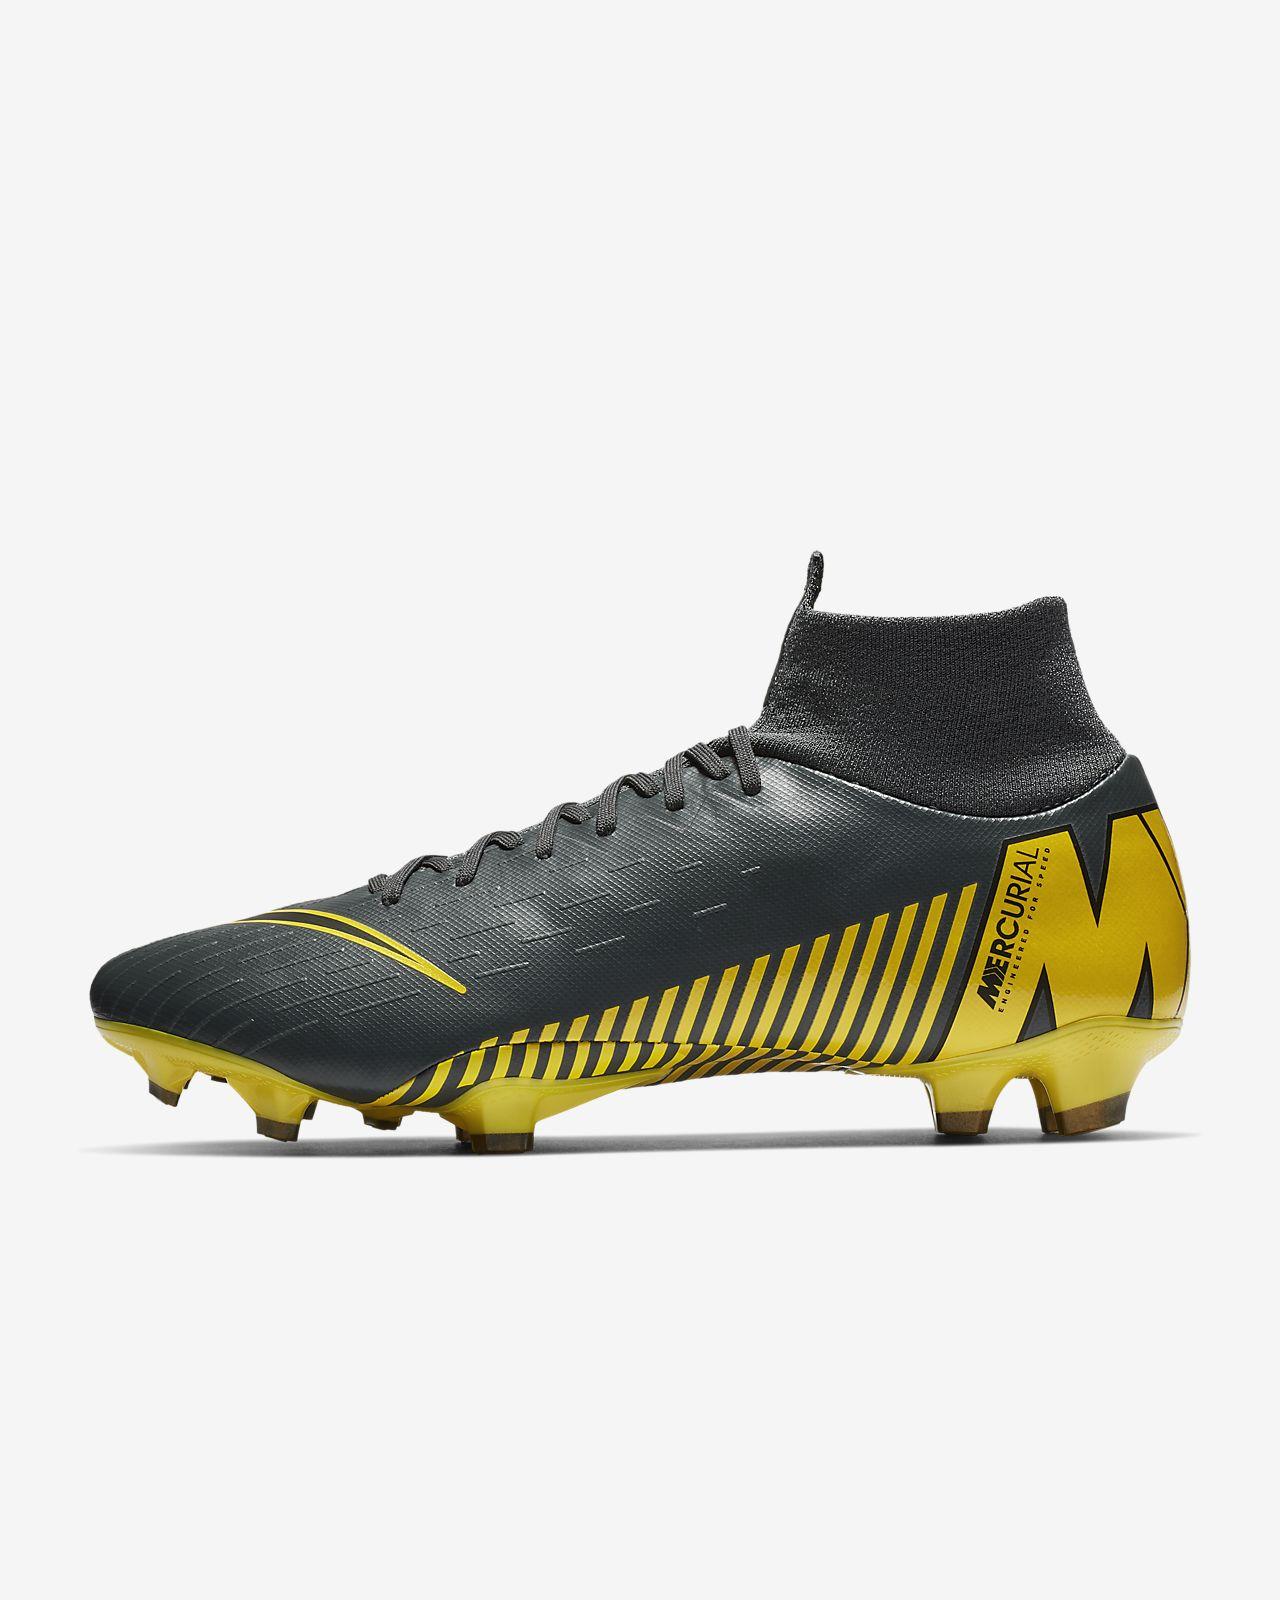 quality design 8bc50 534d0 ... Chaussure de football à crampons pour terrain sec Nike Superfly 6 Pro FG